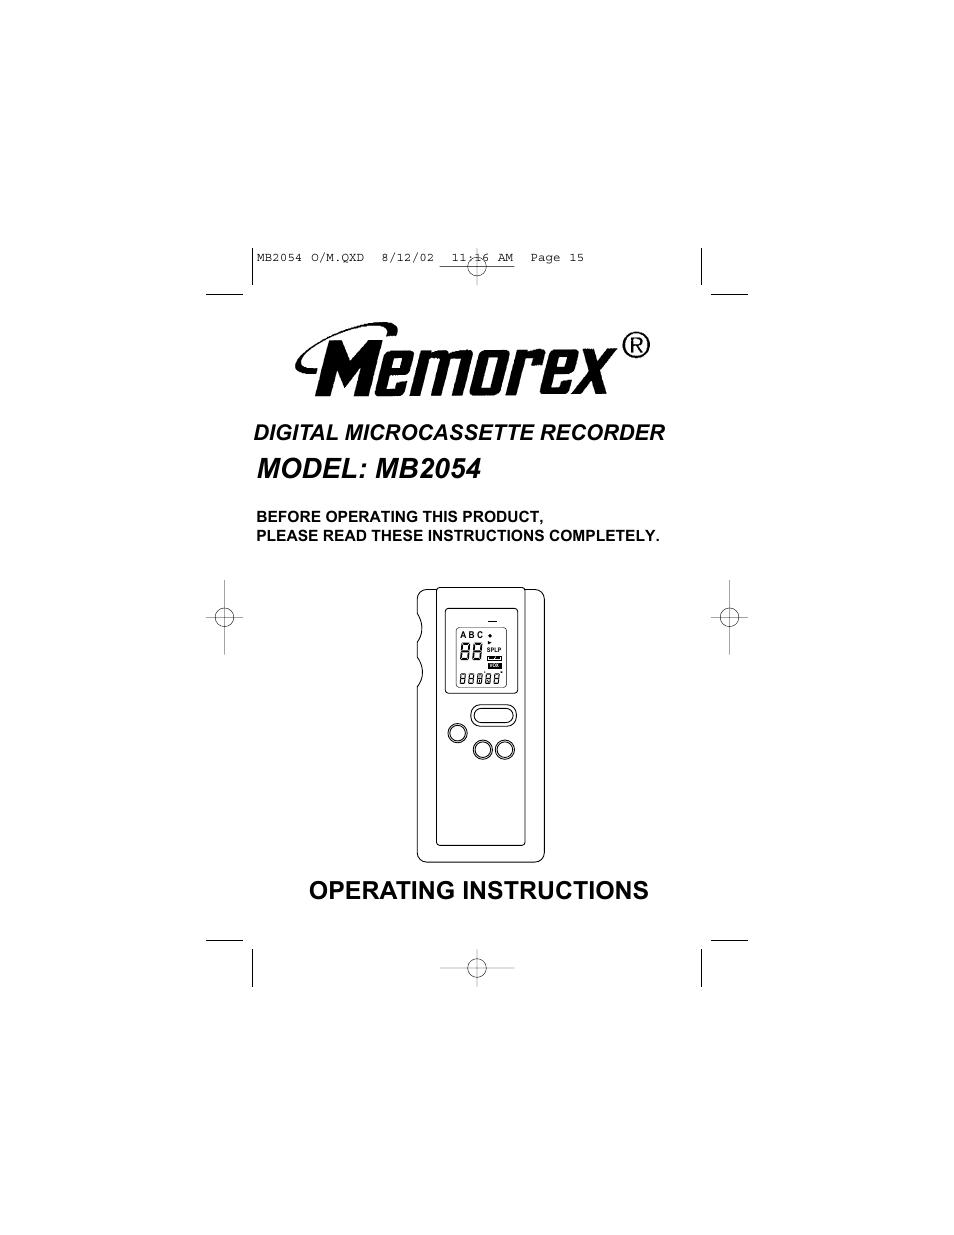 memorex mb2054 user manual 15 pages rh manualsdir com